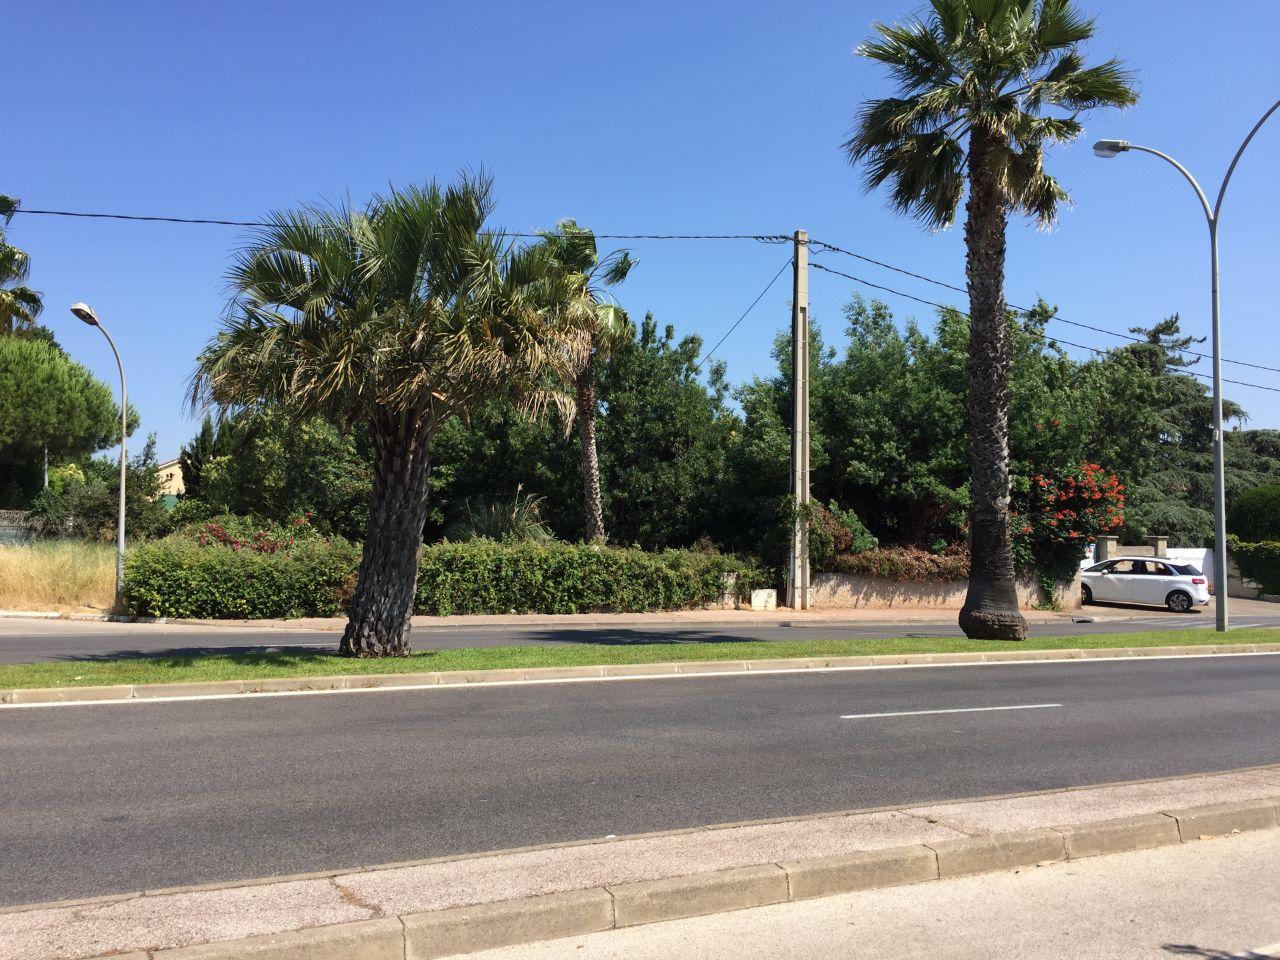 Vue du terrain depuis la route (caché derrière les arbres), le portail est devant la voiture blanche à droite de la photo.